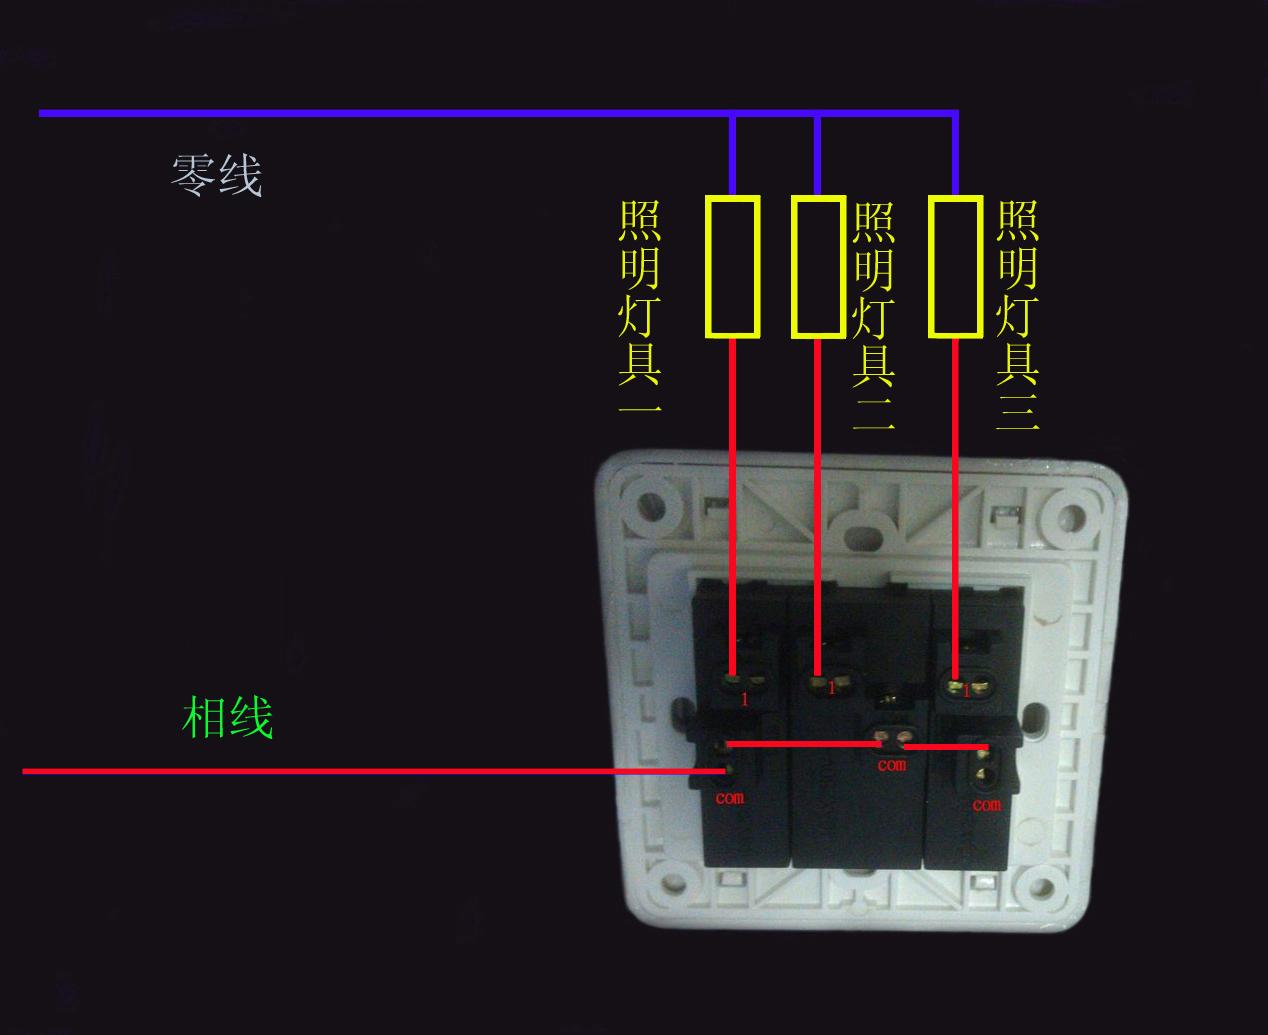 西门子3开单控插座怎么接线,开关上面有6个孔,可以暗盒里面只有4根线